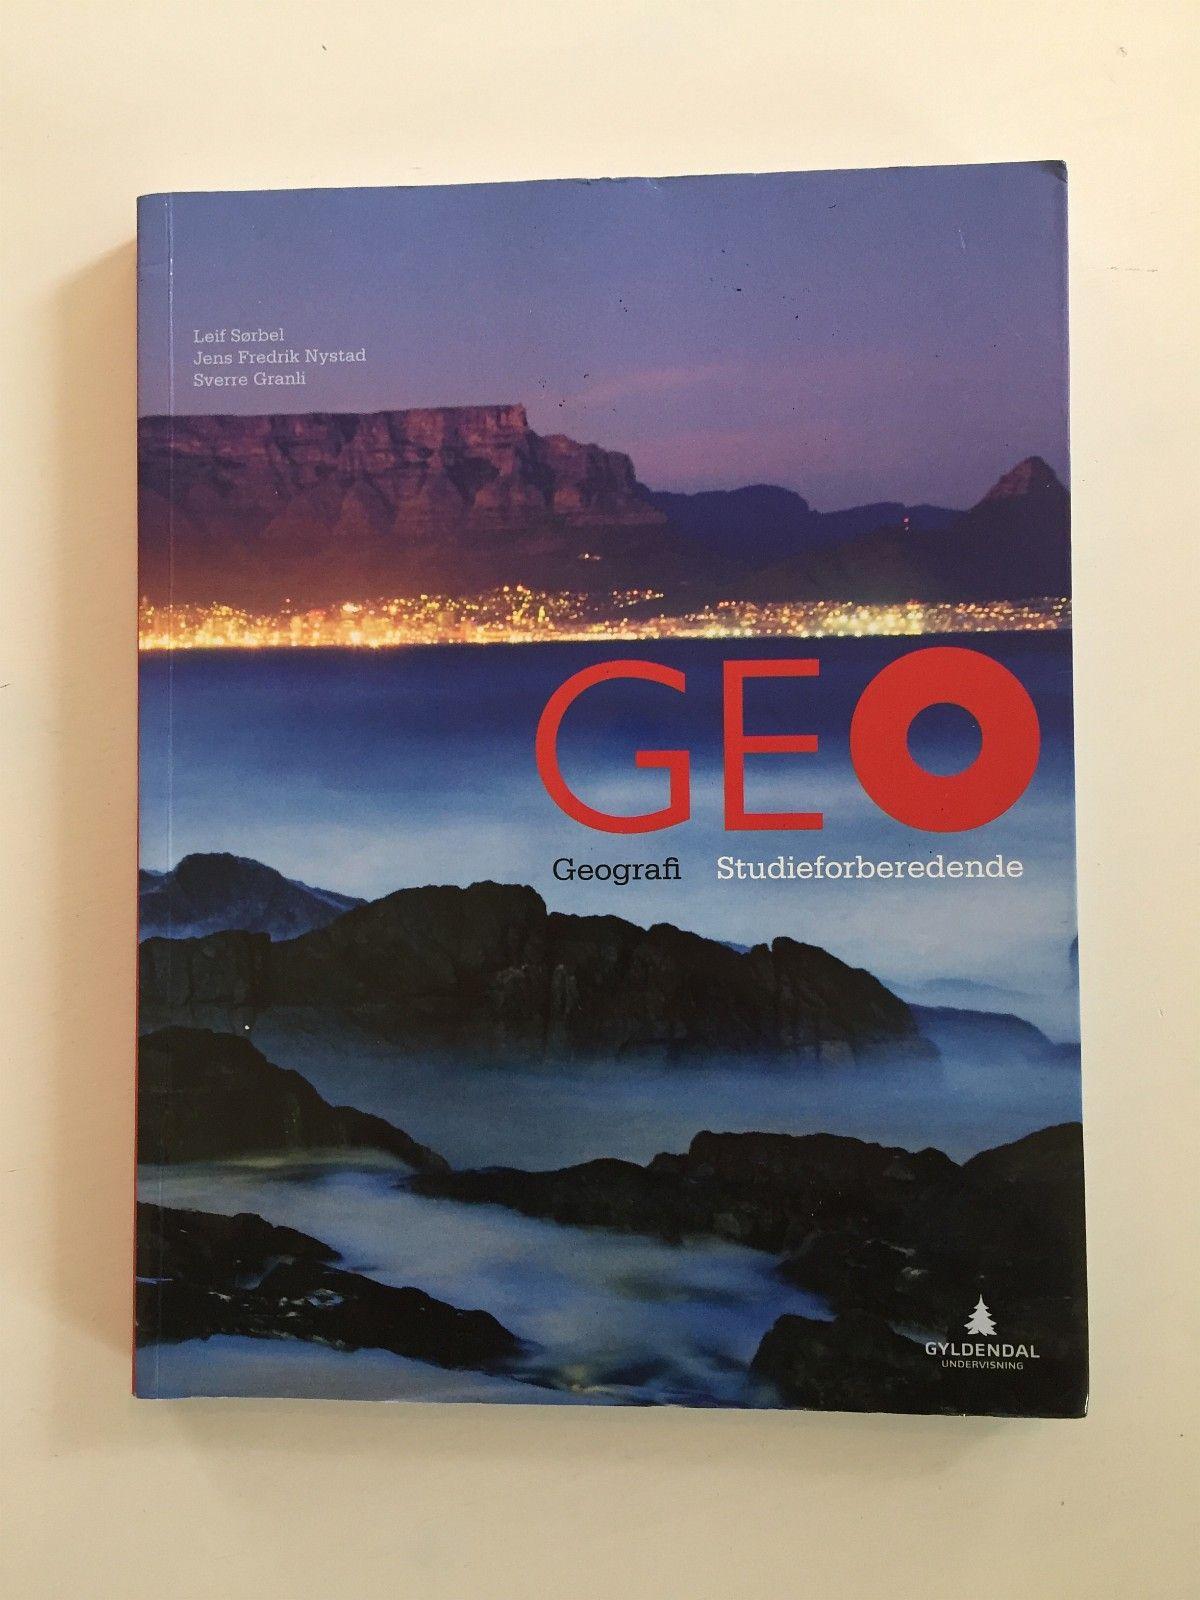 GEO Geografi Studieforberedende - Stavanger  - Skrevet av Sørbel, Nystad og Granli.   Kjøpt ny i 2017.   Ble kun brukt som forberedelseslesing for privatundervisning. - Stavanger